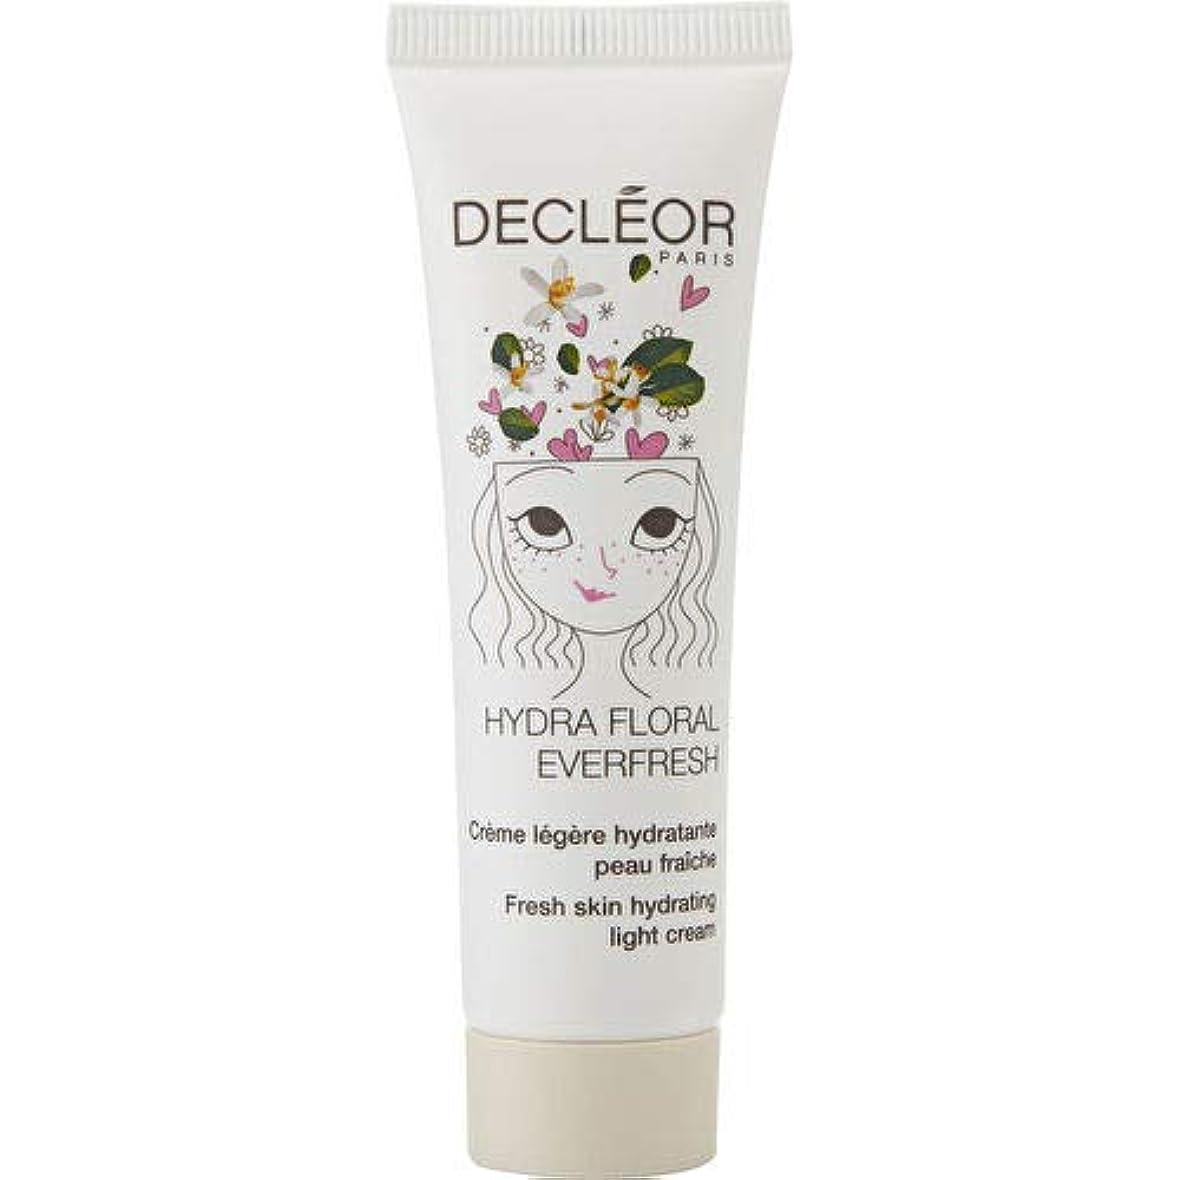 線形パスポートスポーツの試合を担当している人デクレオール Hydra Floral Everfresh Fresh Skin Hydrating Light Cream - For Dehydrated Skin 30ml/1oz並行輸入品